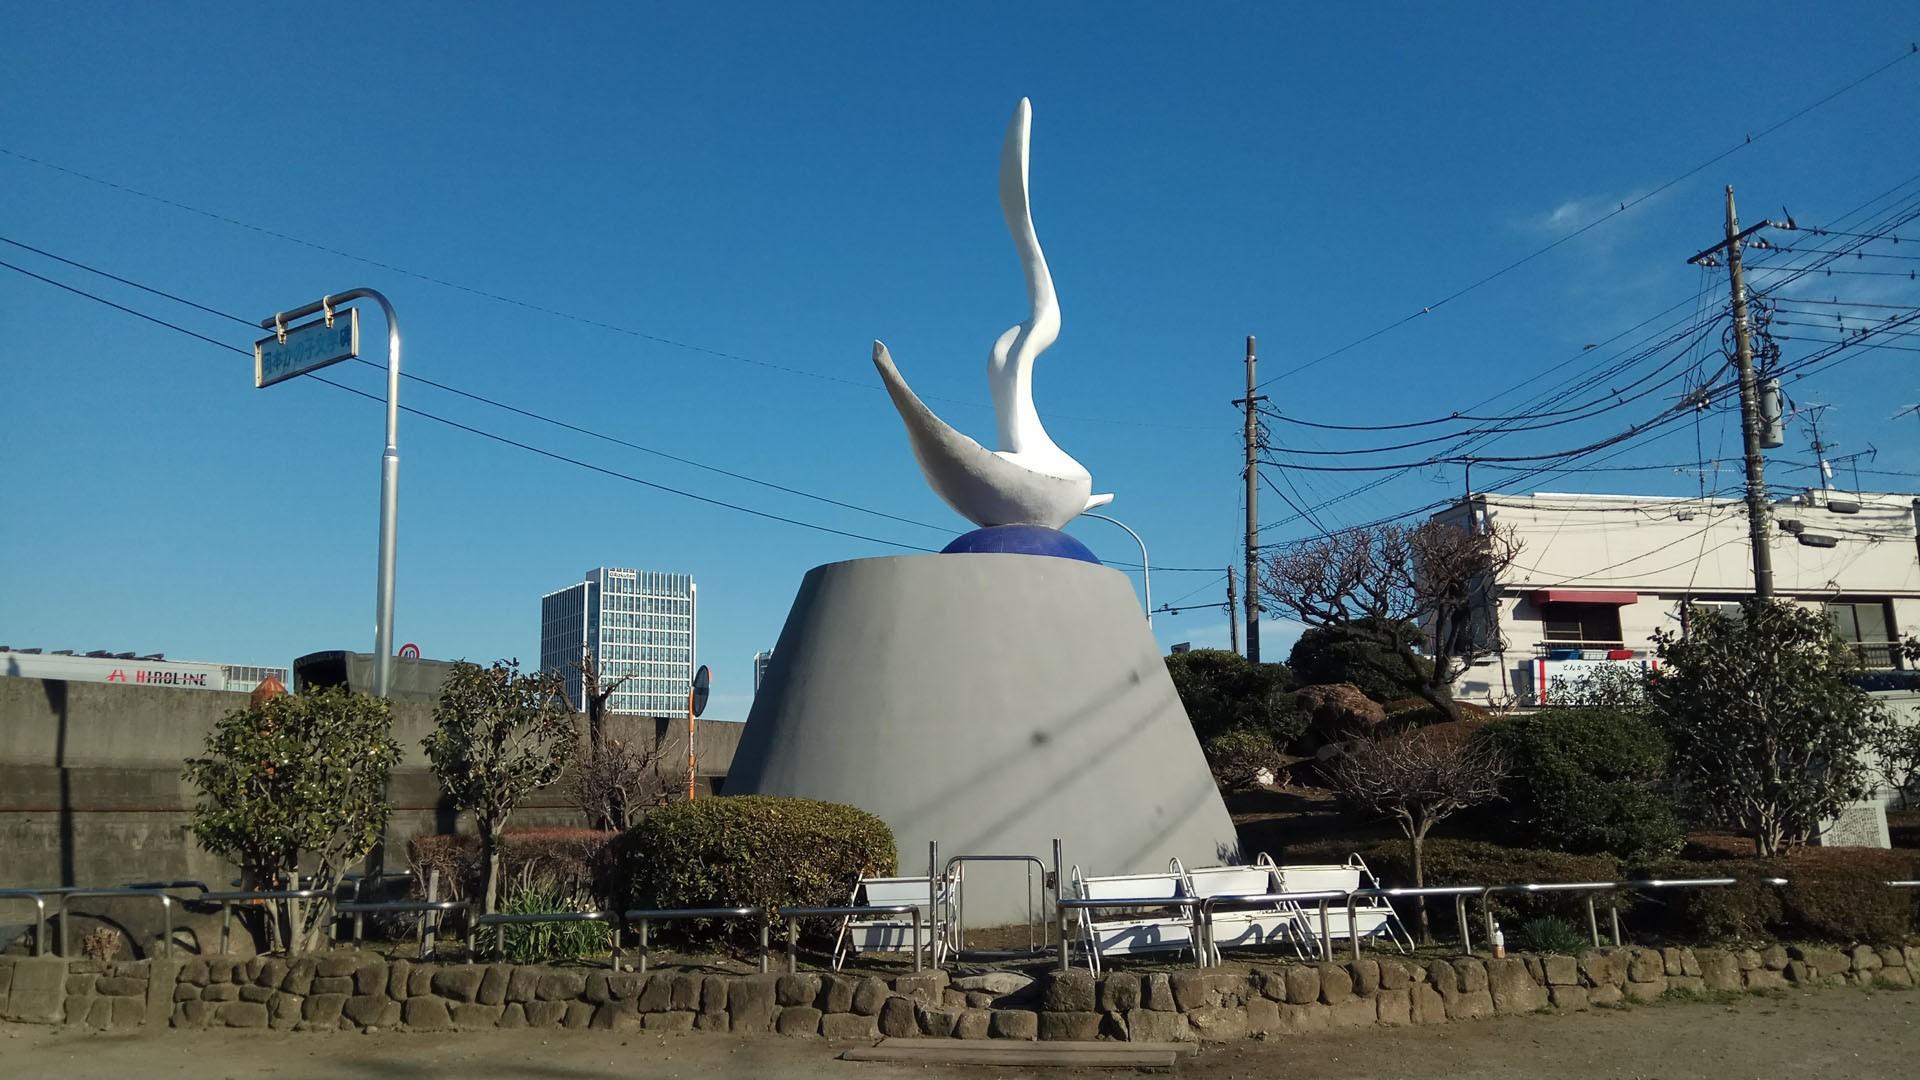 รูปปั้นโอะคะโมะโตะ คะโนะโคะ (มารดาของโอะคะโมะโตะ ทาโระ)